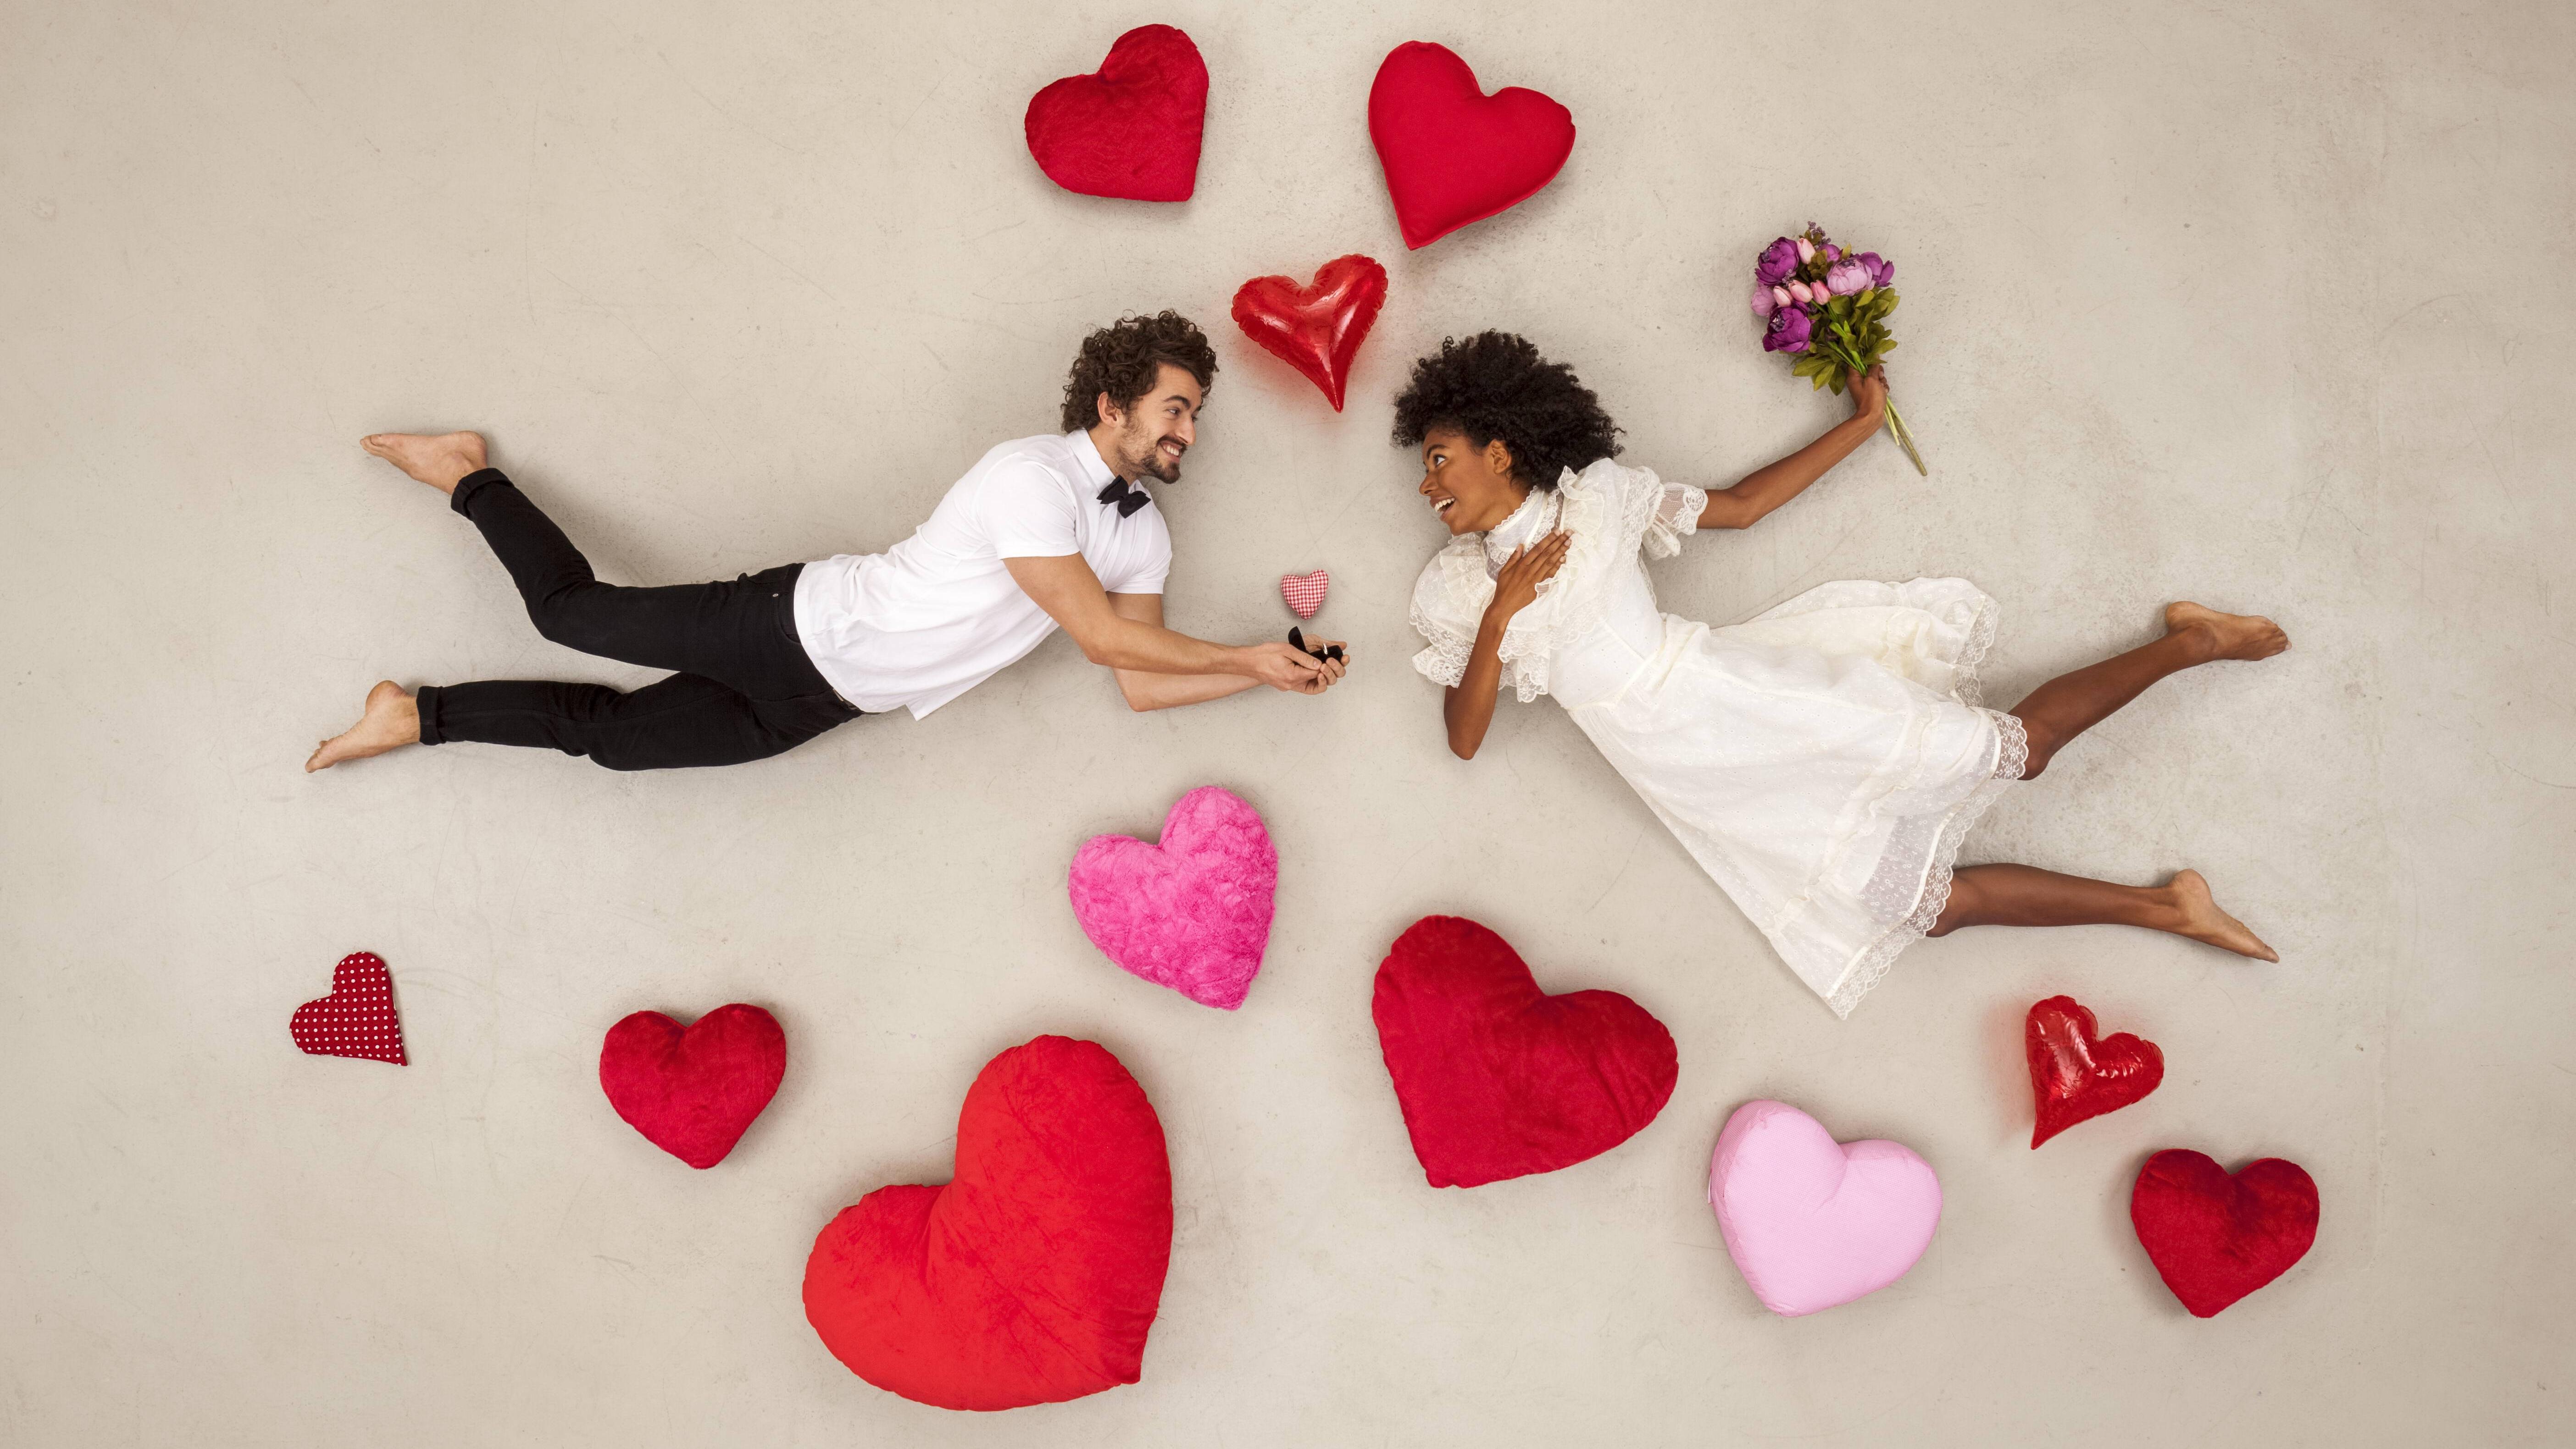 Ab wann man sich verloben darf: Das sollten Sie beachten